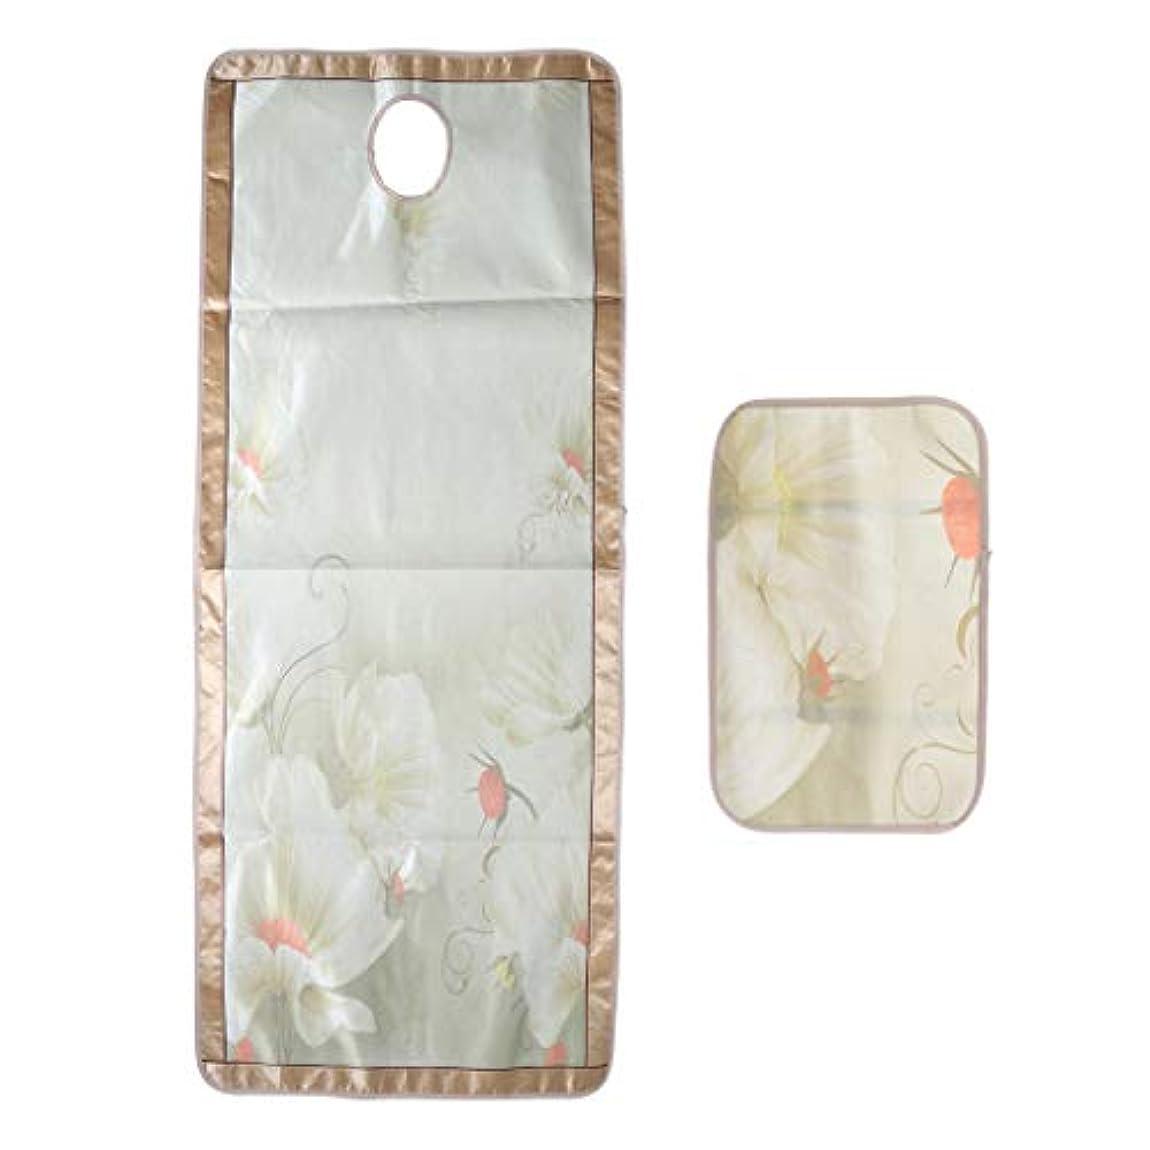 病弱保証金安価なマッサージベッド エステベッドカバー 枕カバー付き ひんやり 敷きパッド 70×190センチ - フローラル6